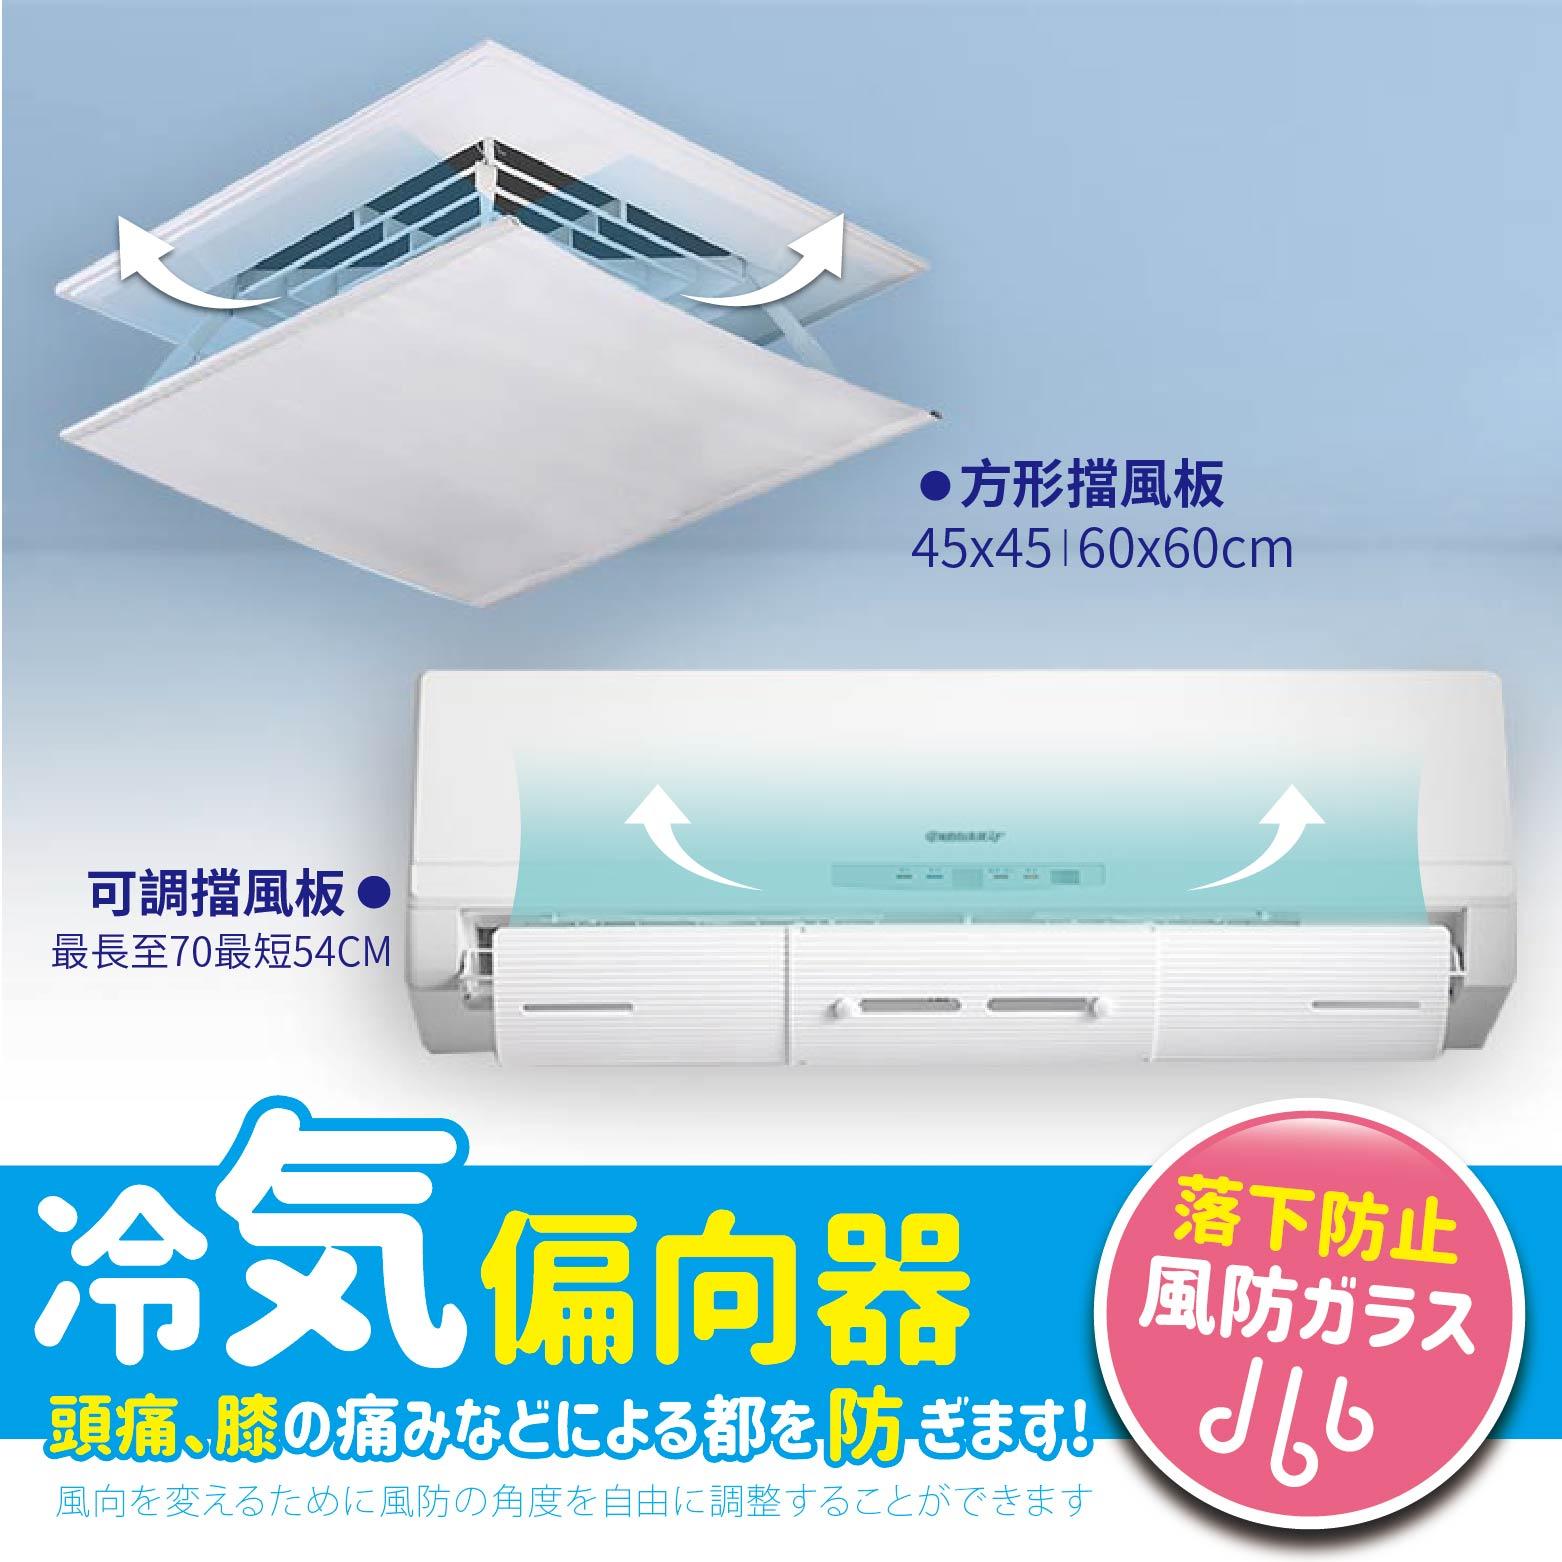 【 -免 ! 寄出】 方形冷氣機導風板 空調擋風板 空調導風器 冷氣導流板 空調導流板 【BE443】